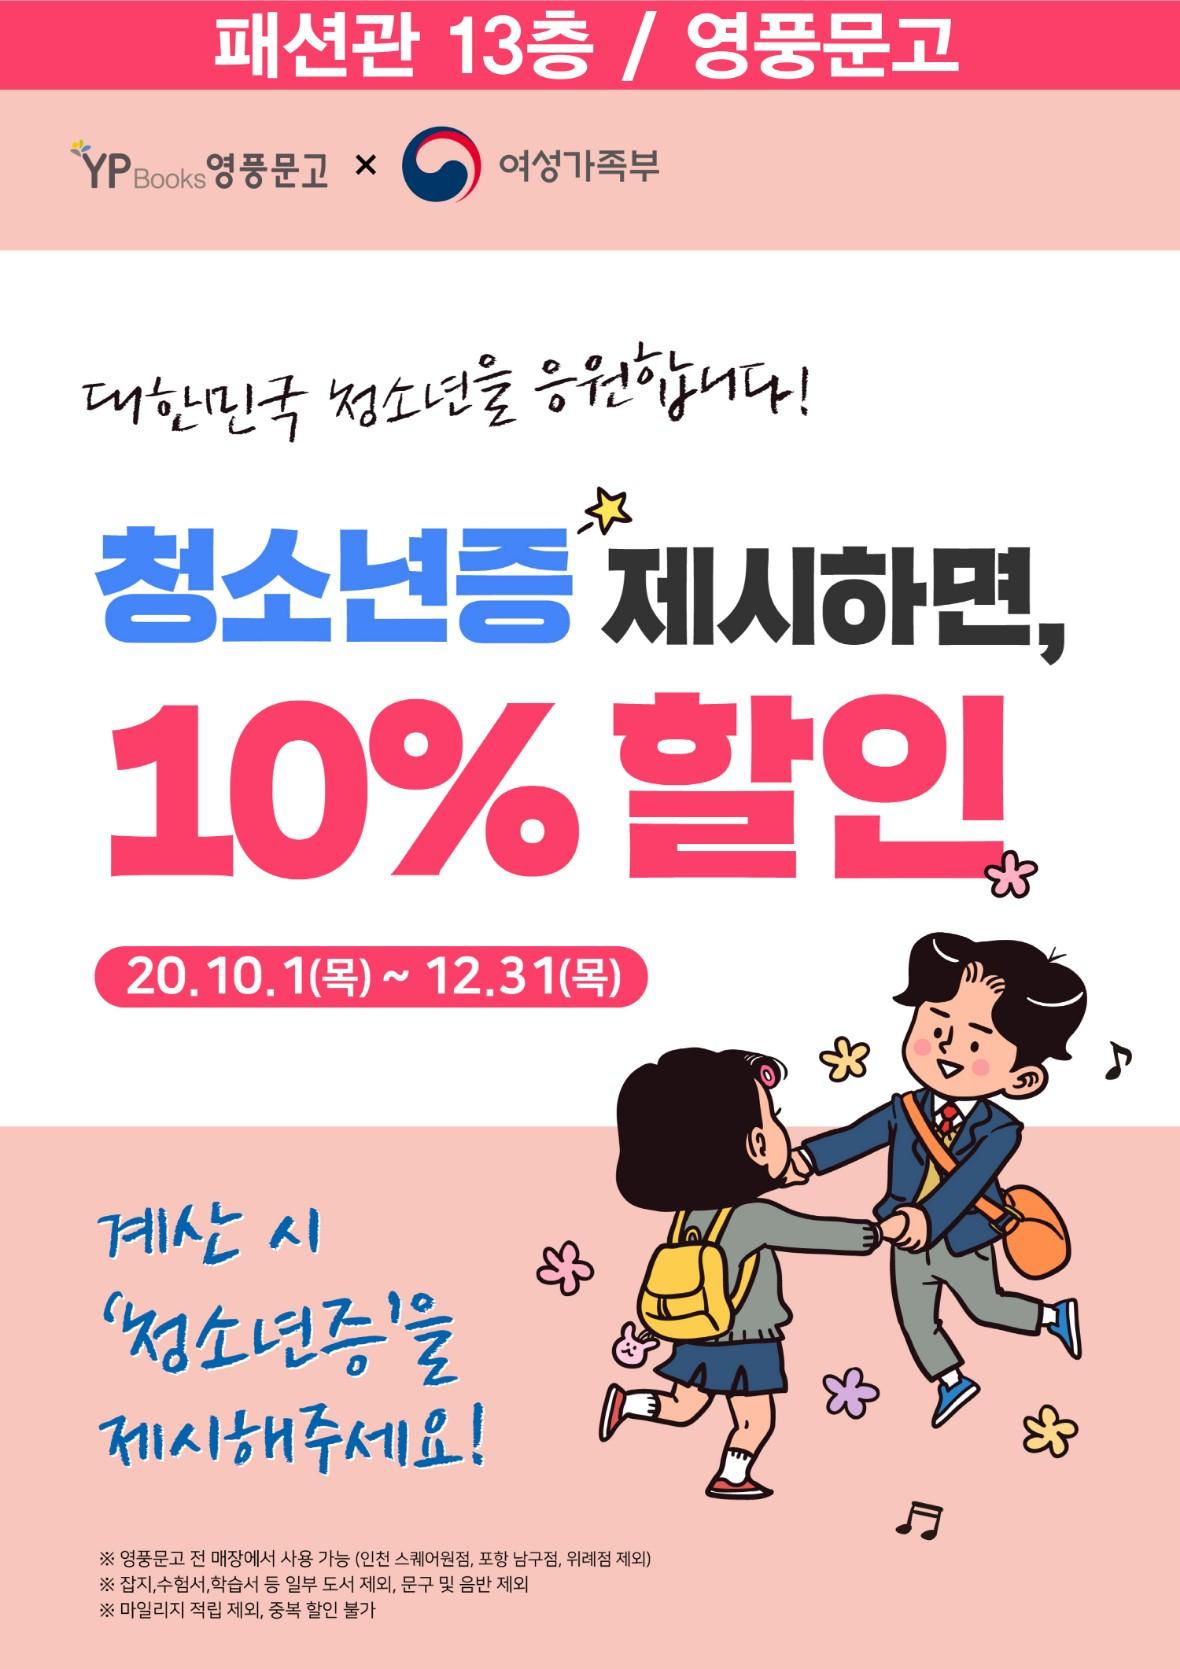 영풍문고_청소년증-할인_홍보-POP_a3_9월_영풍문고.jpg